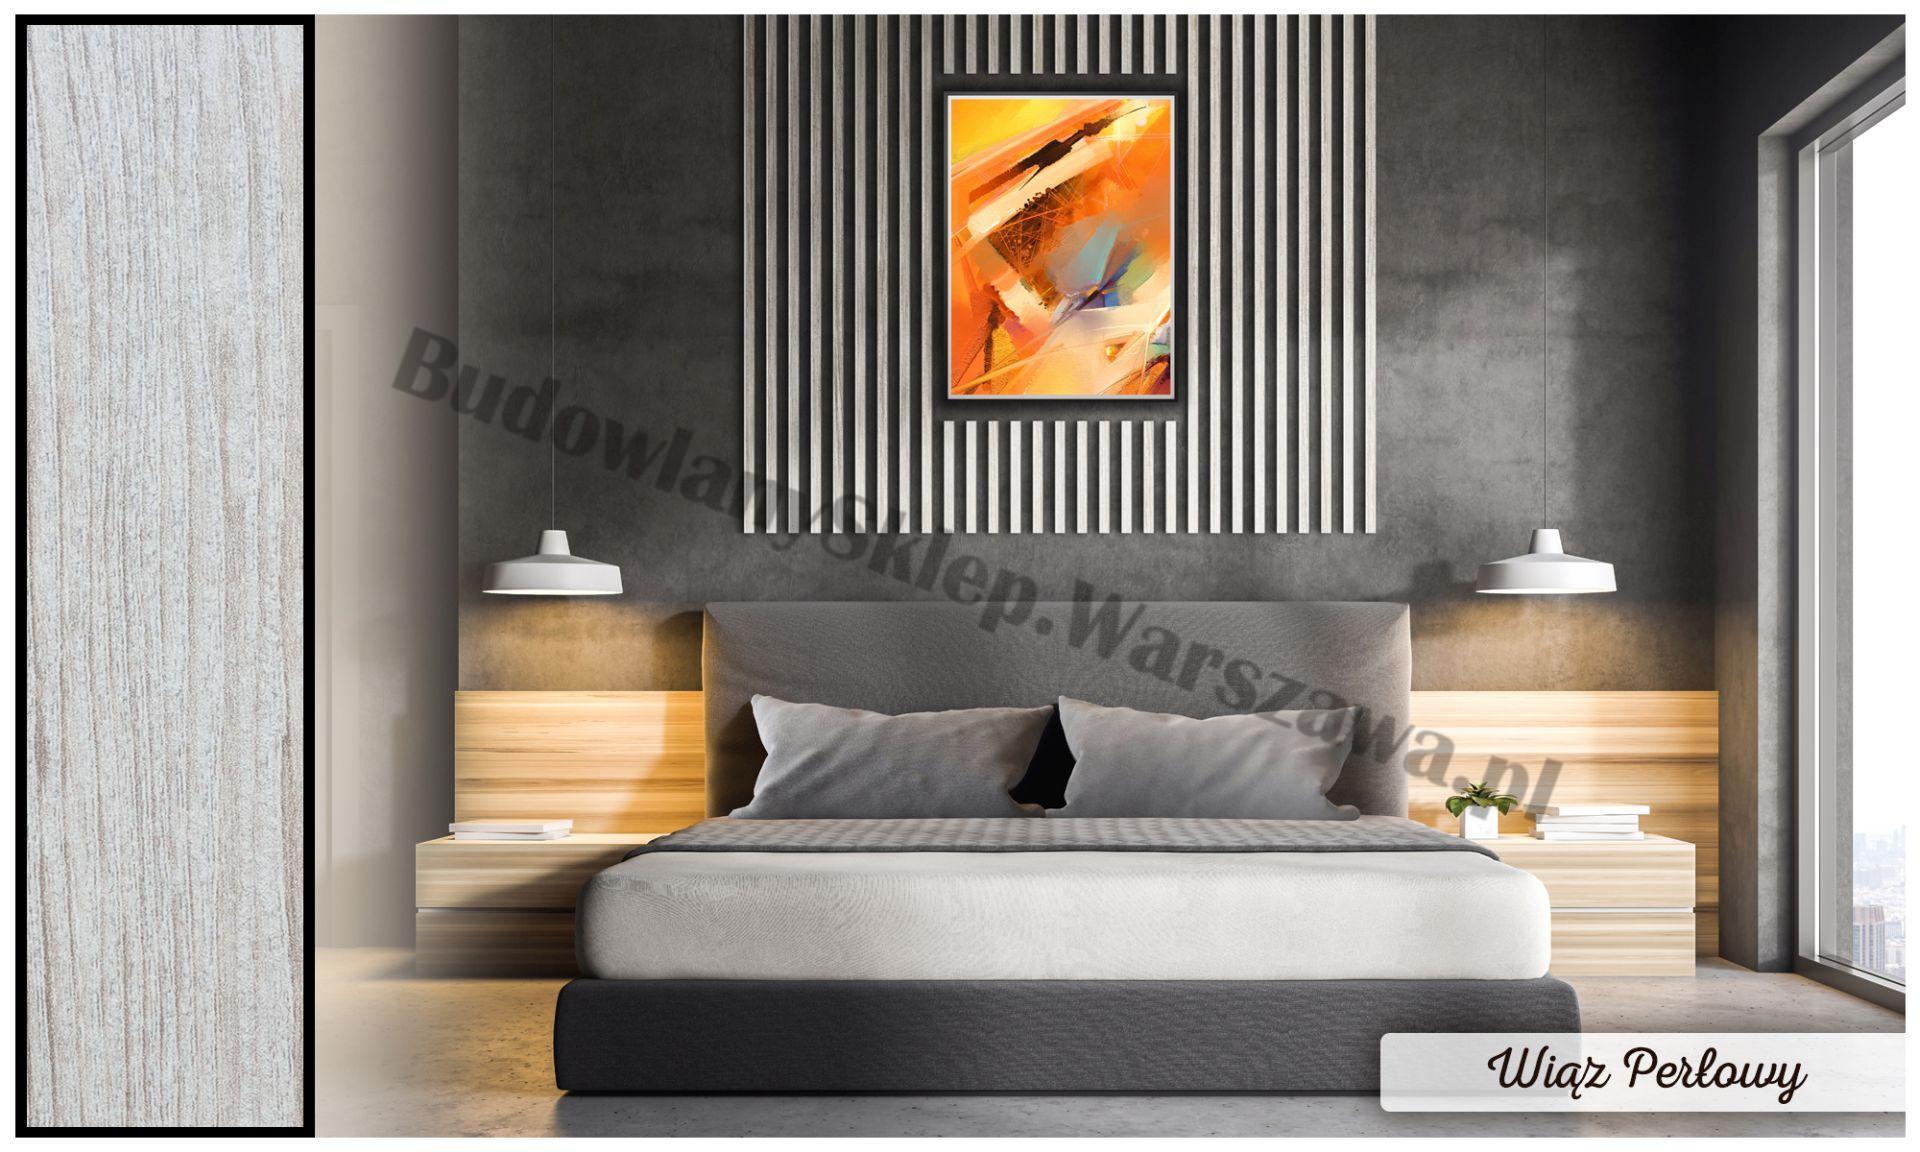 Lamele dekoracyjne panele pionowe listwy 3d ozdobne na ścianę lub sufit 2,8m kolor JESION CAPRI